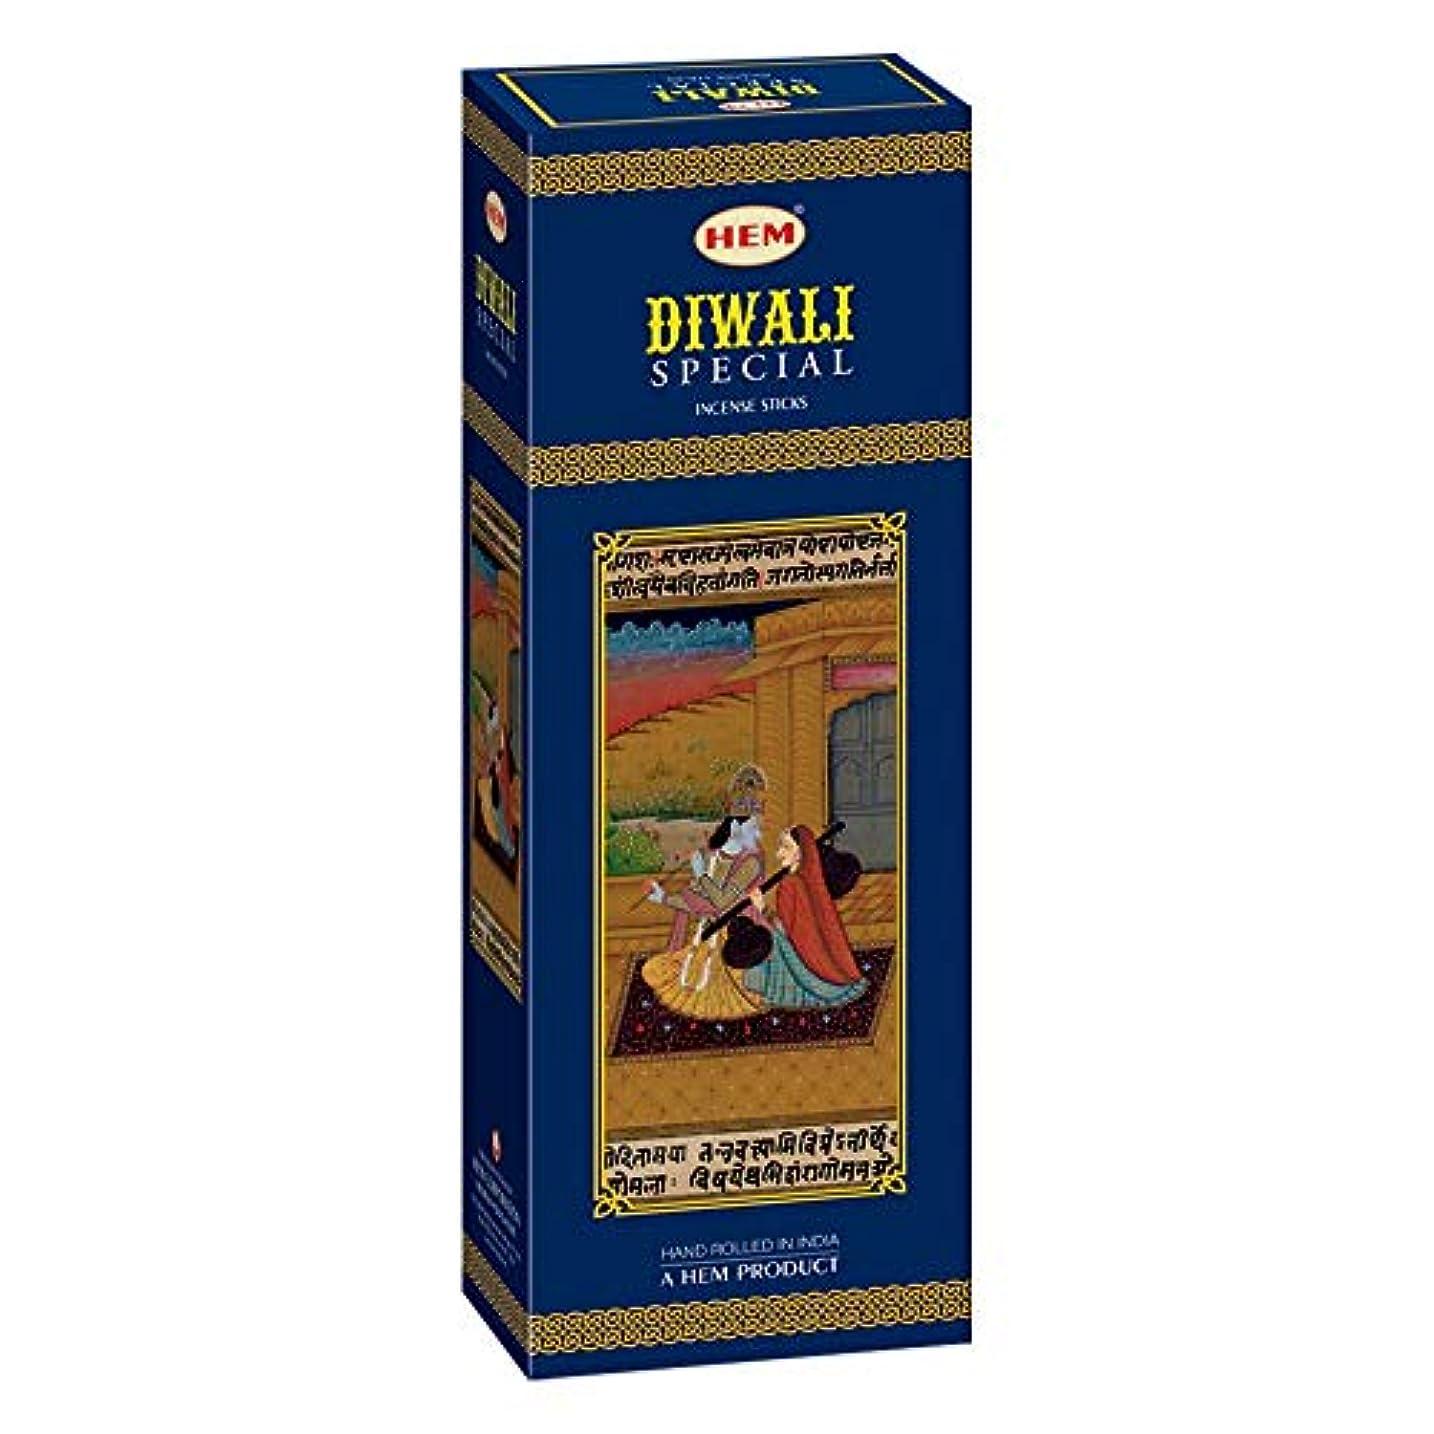 プランター生活大脳Hem Diwali Special Incense Sticks(9.3 cm X 6.0 cm X 25.5cm, Black)